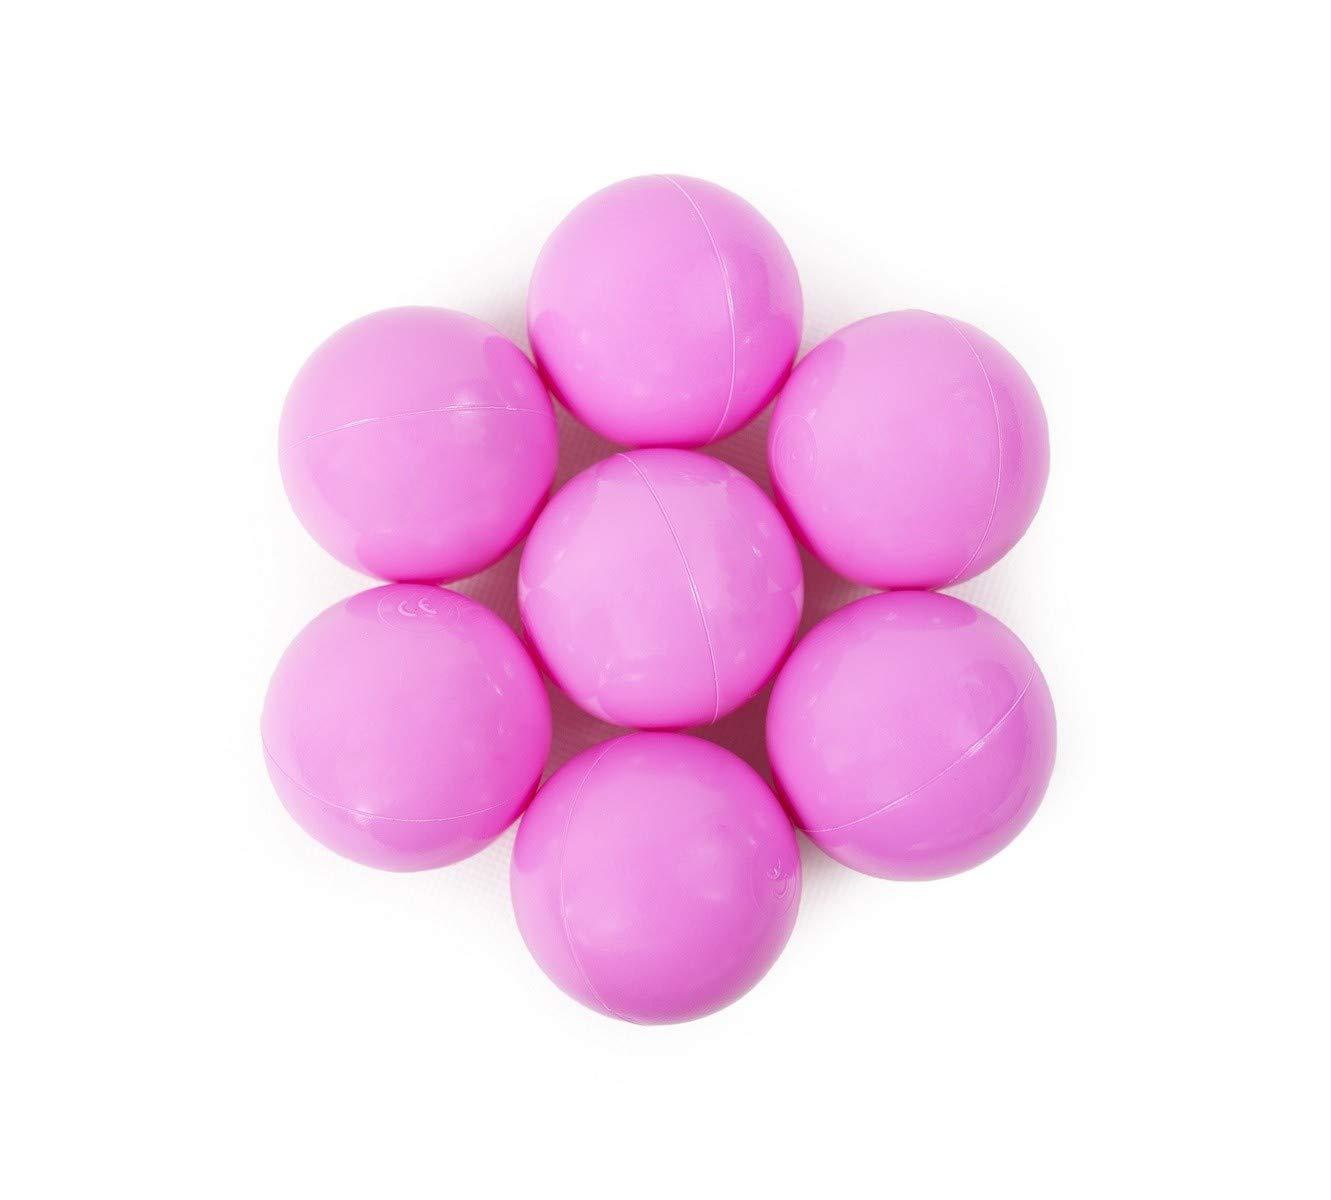 Fabriqu/é en EU Norme CE Tweepsy B/éb/é Balles pour Enfants de Piscine Bambin Balles /Ø 6 cm PPR61-50 pi/èces Beige